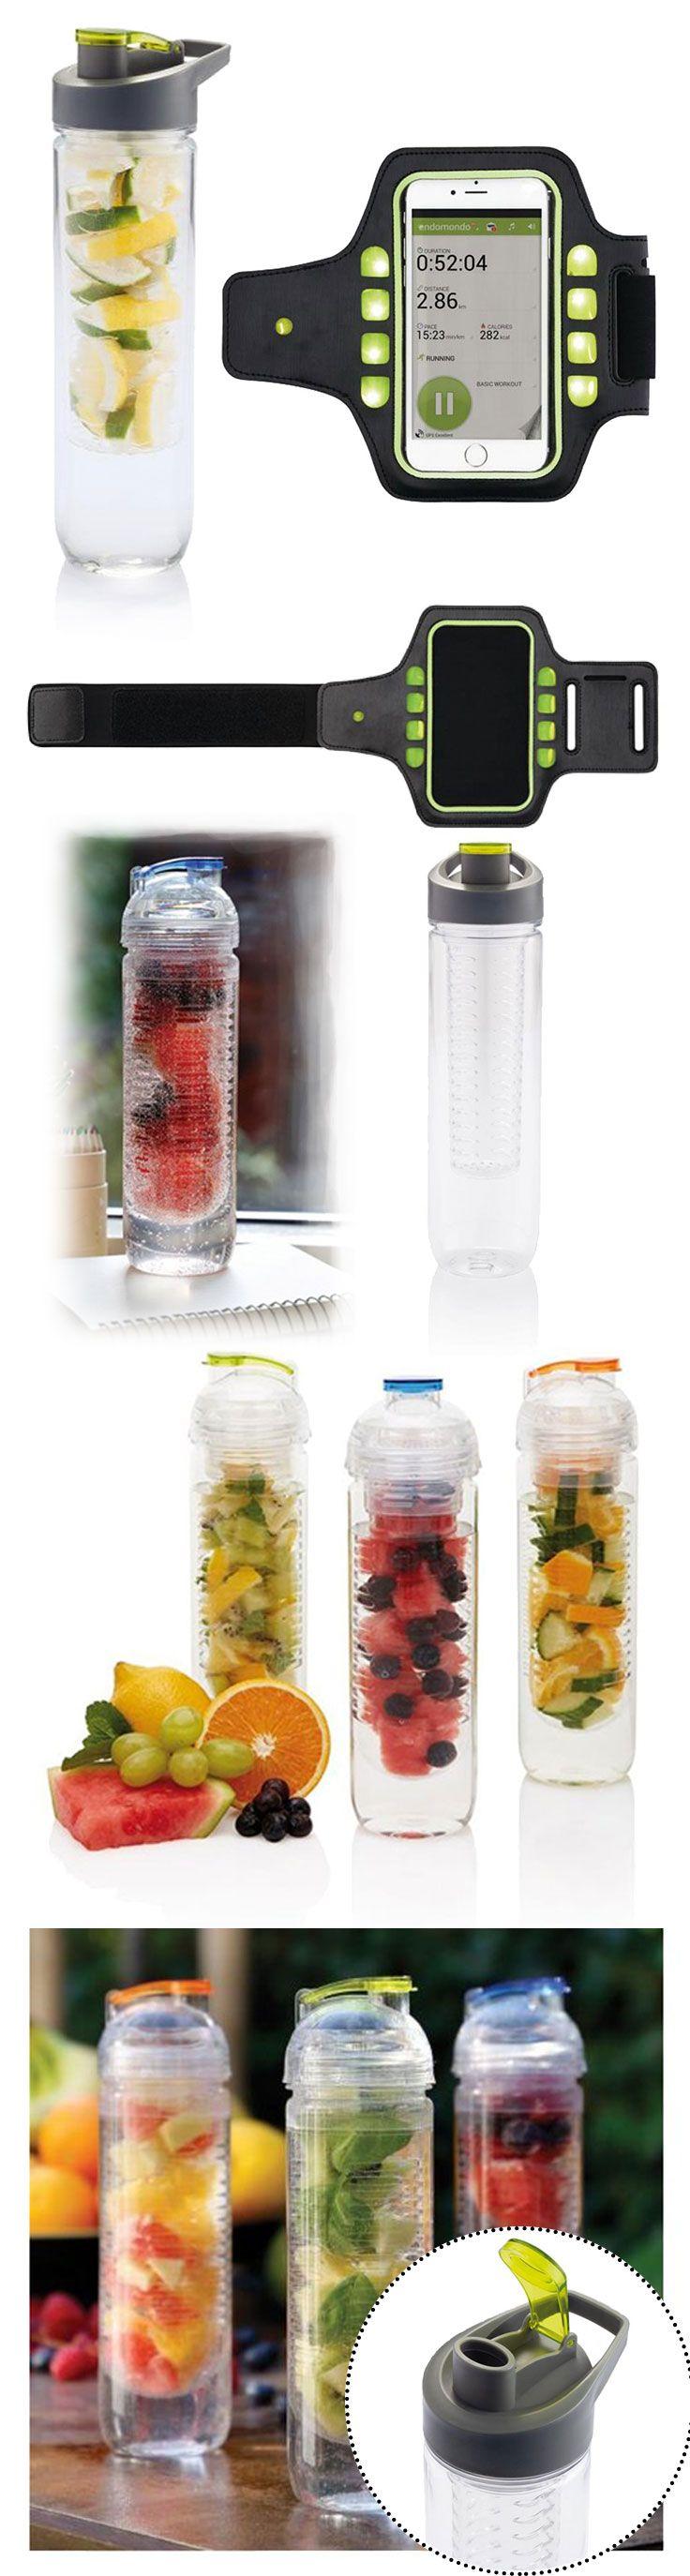 Dárkový set pro sportovce který obsahuje láhev s košíkem na ovoce a běžecký pás na ruku